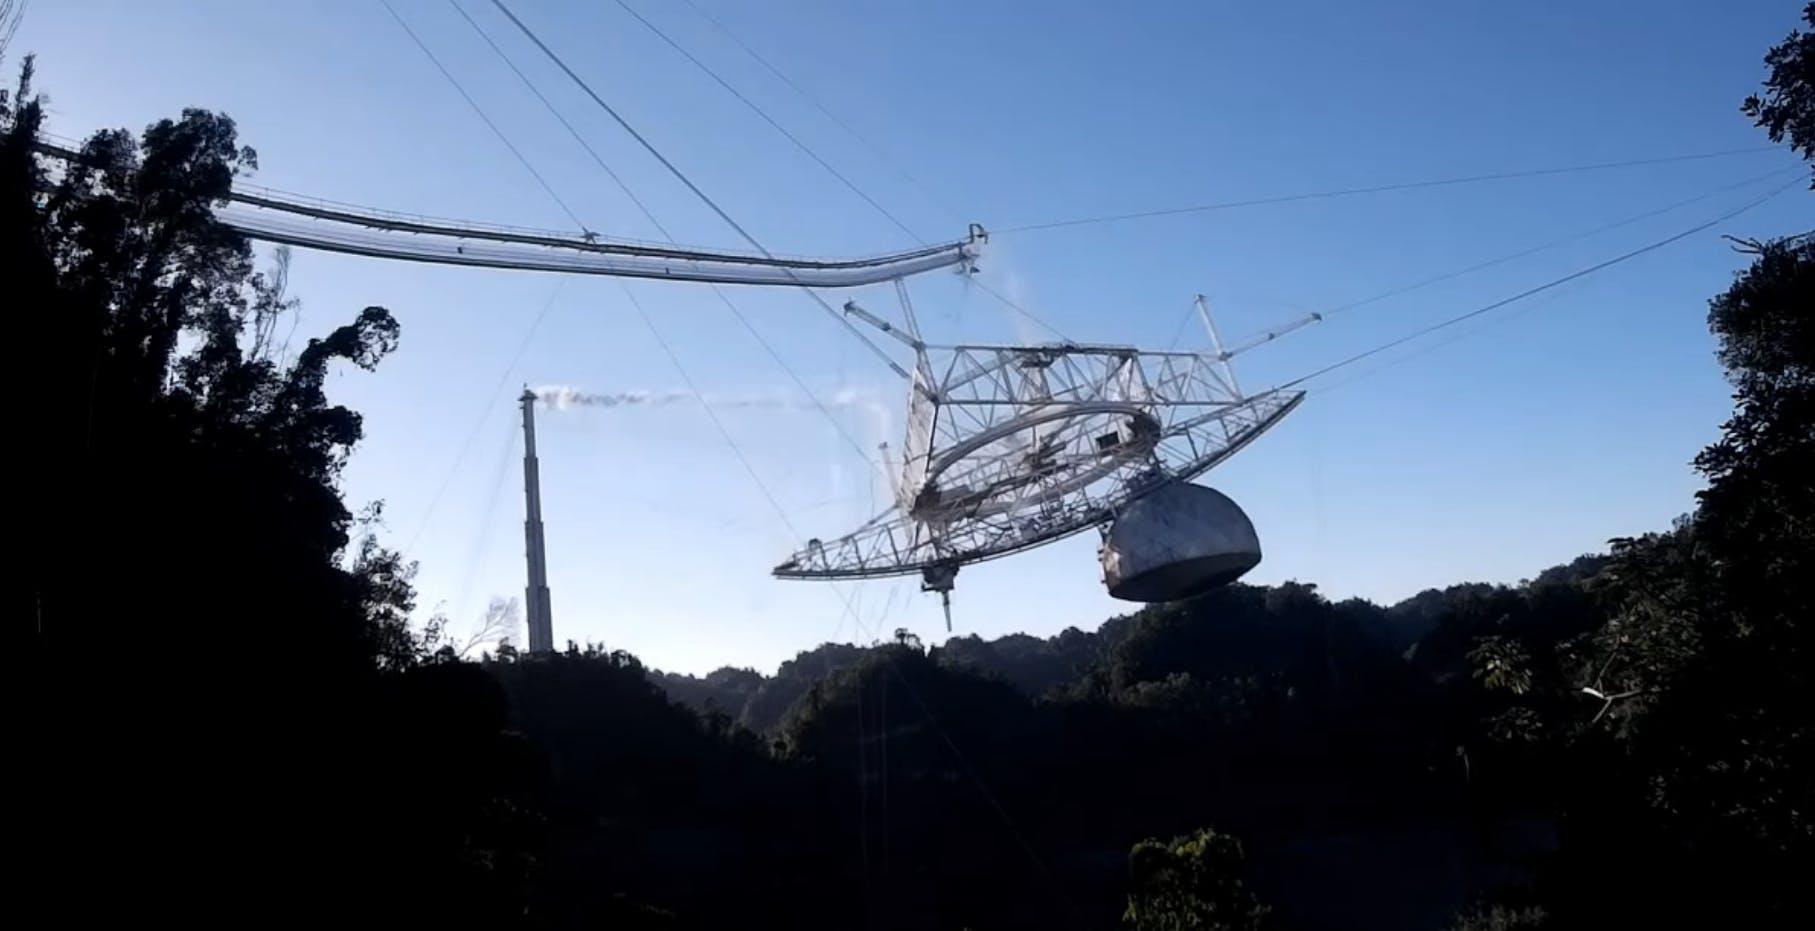 Ecco il video del collasso dell'Osservatorio di Arecibo